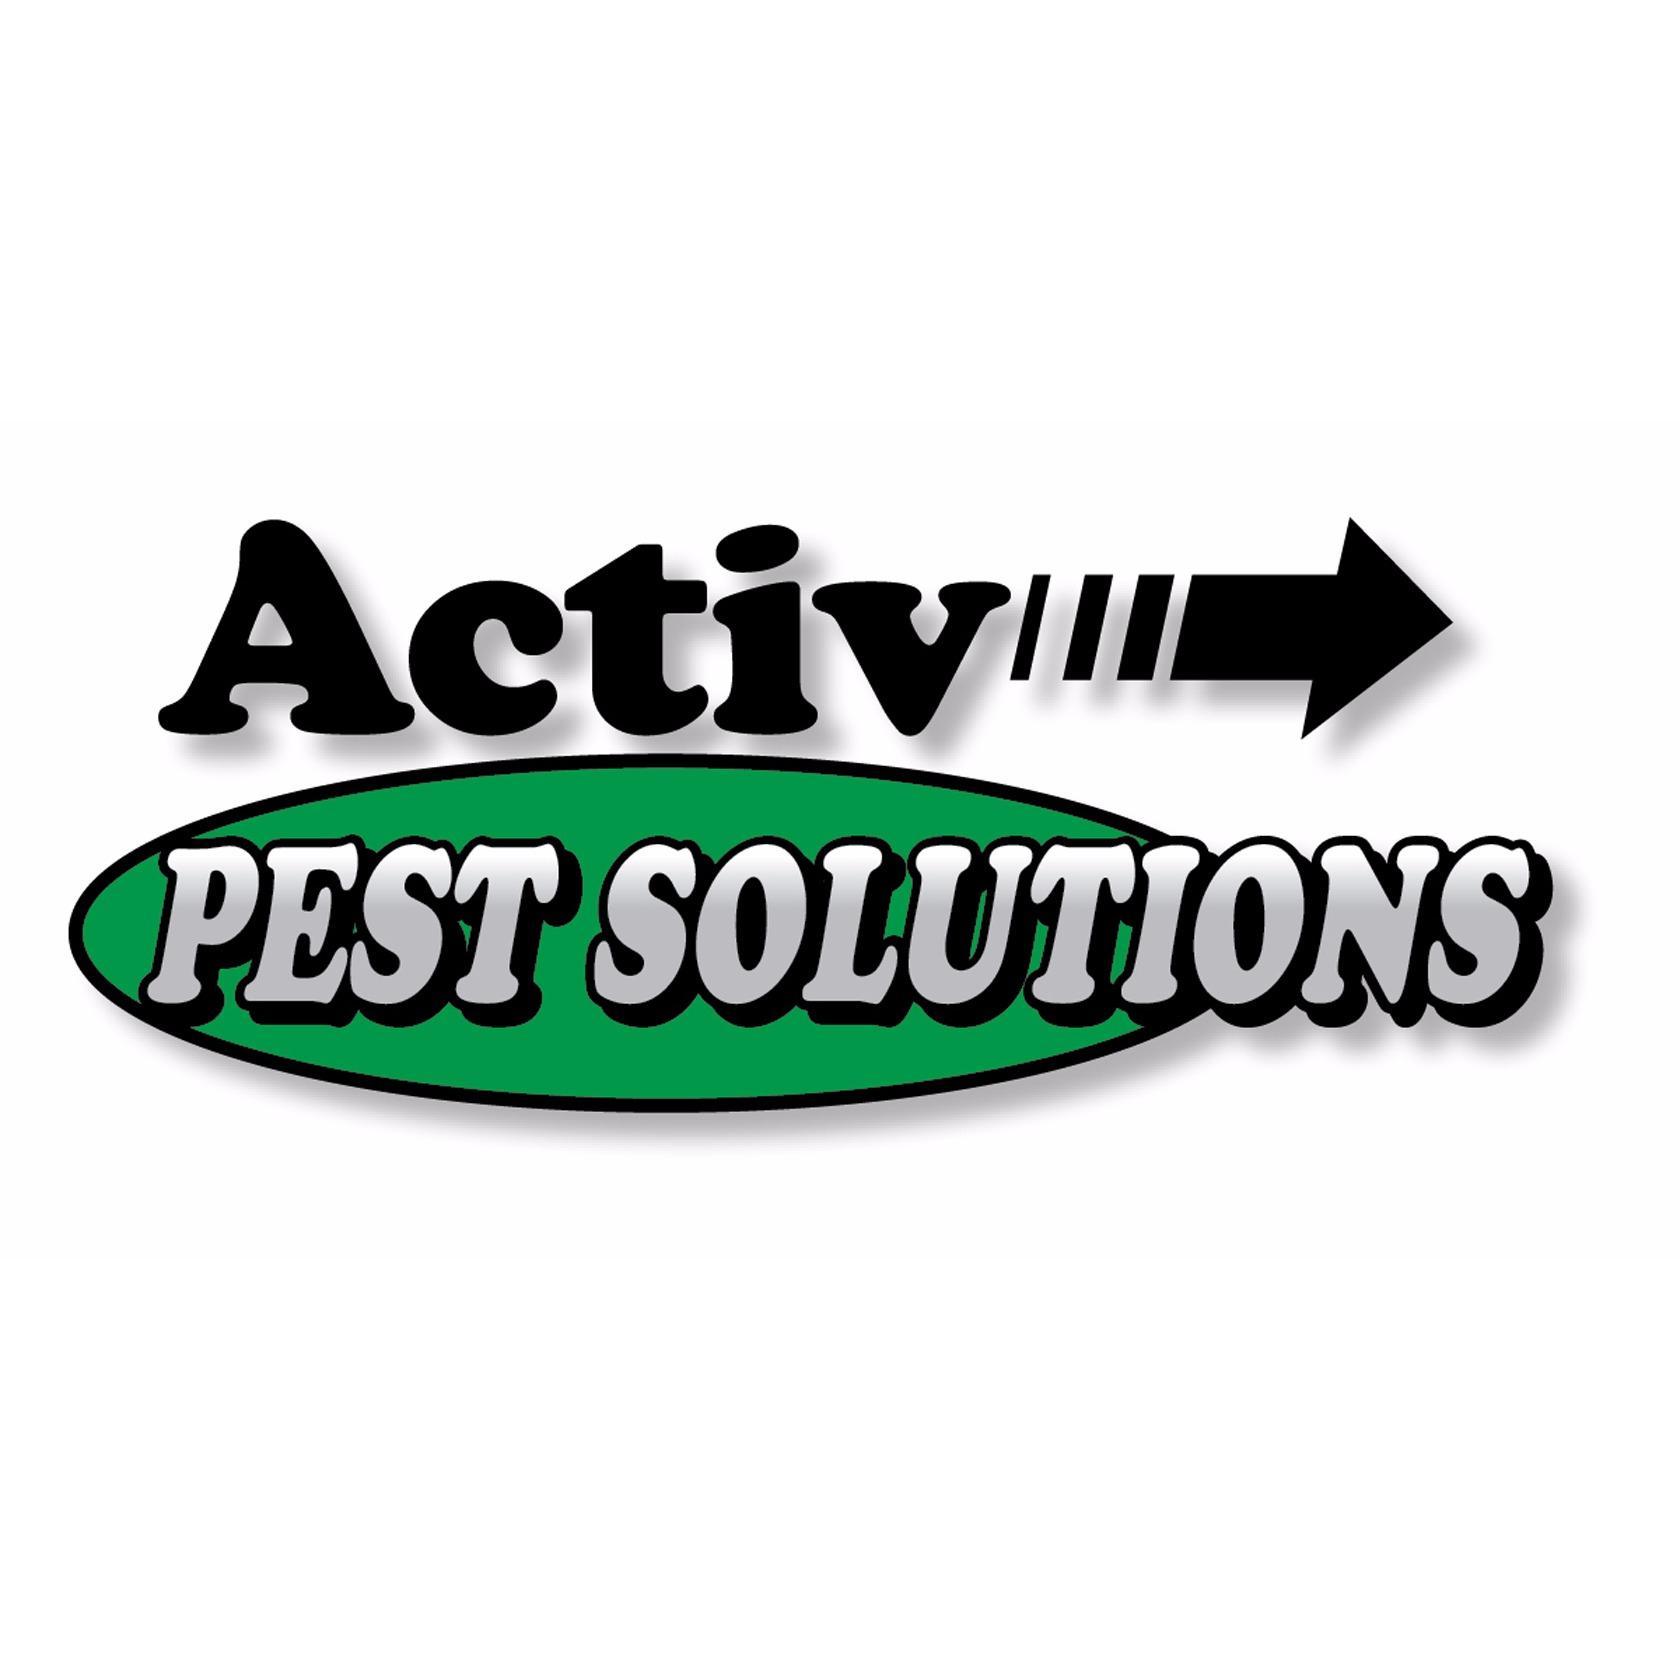 Activ Pest Solutions Lewes Delaware De